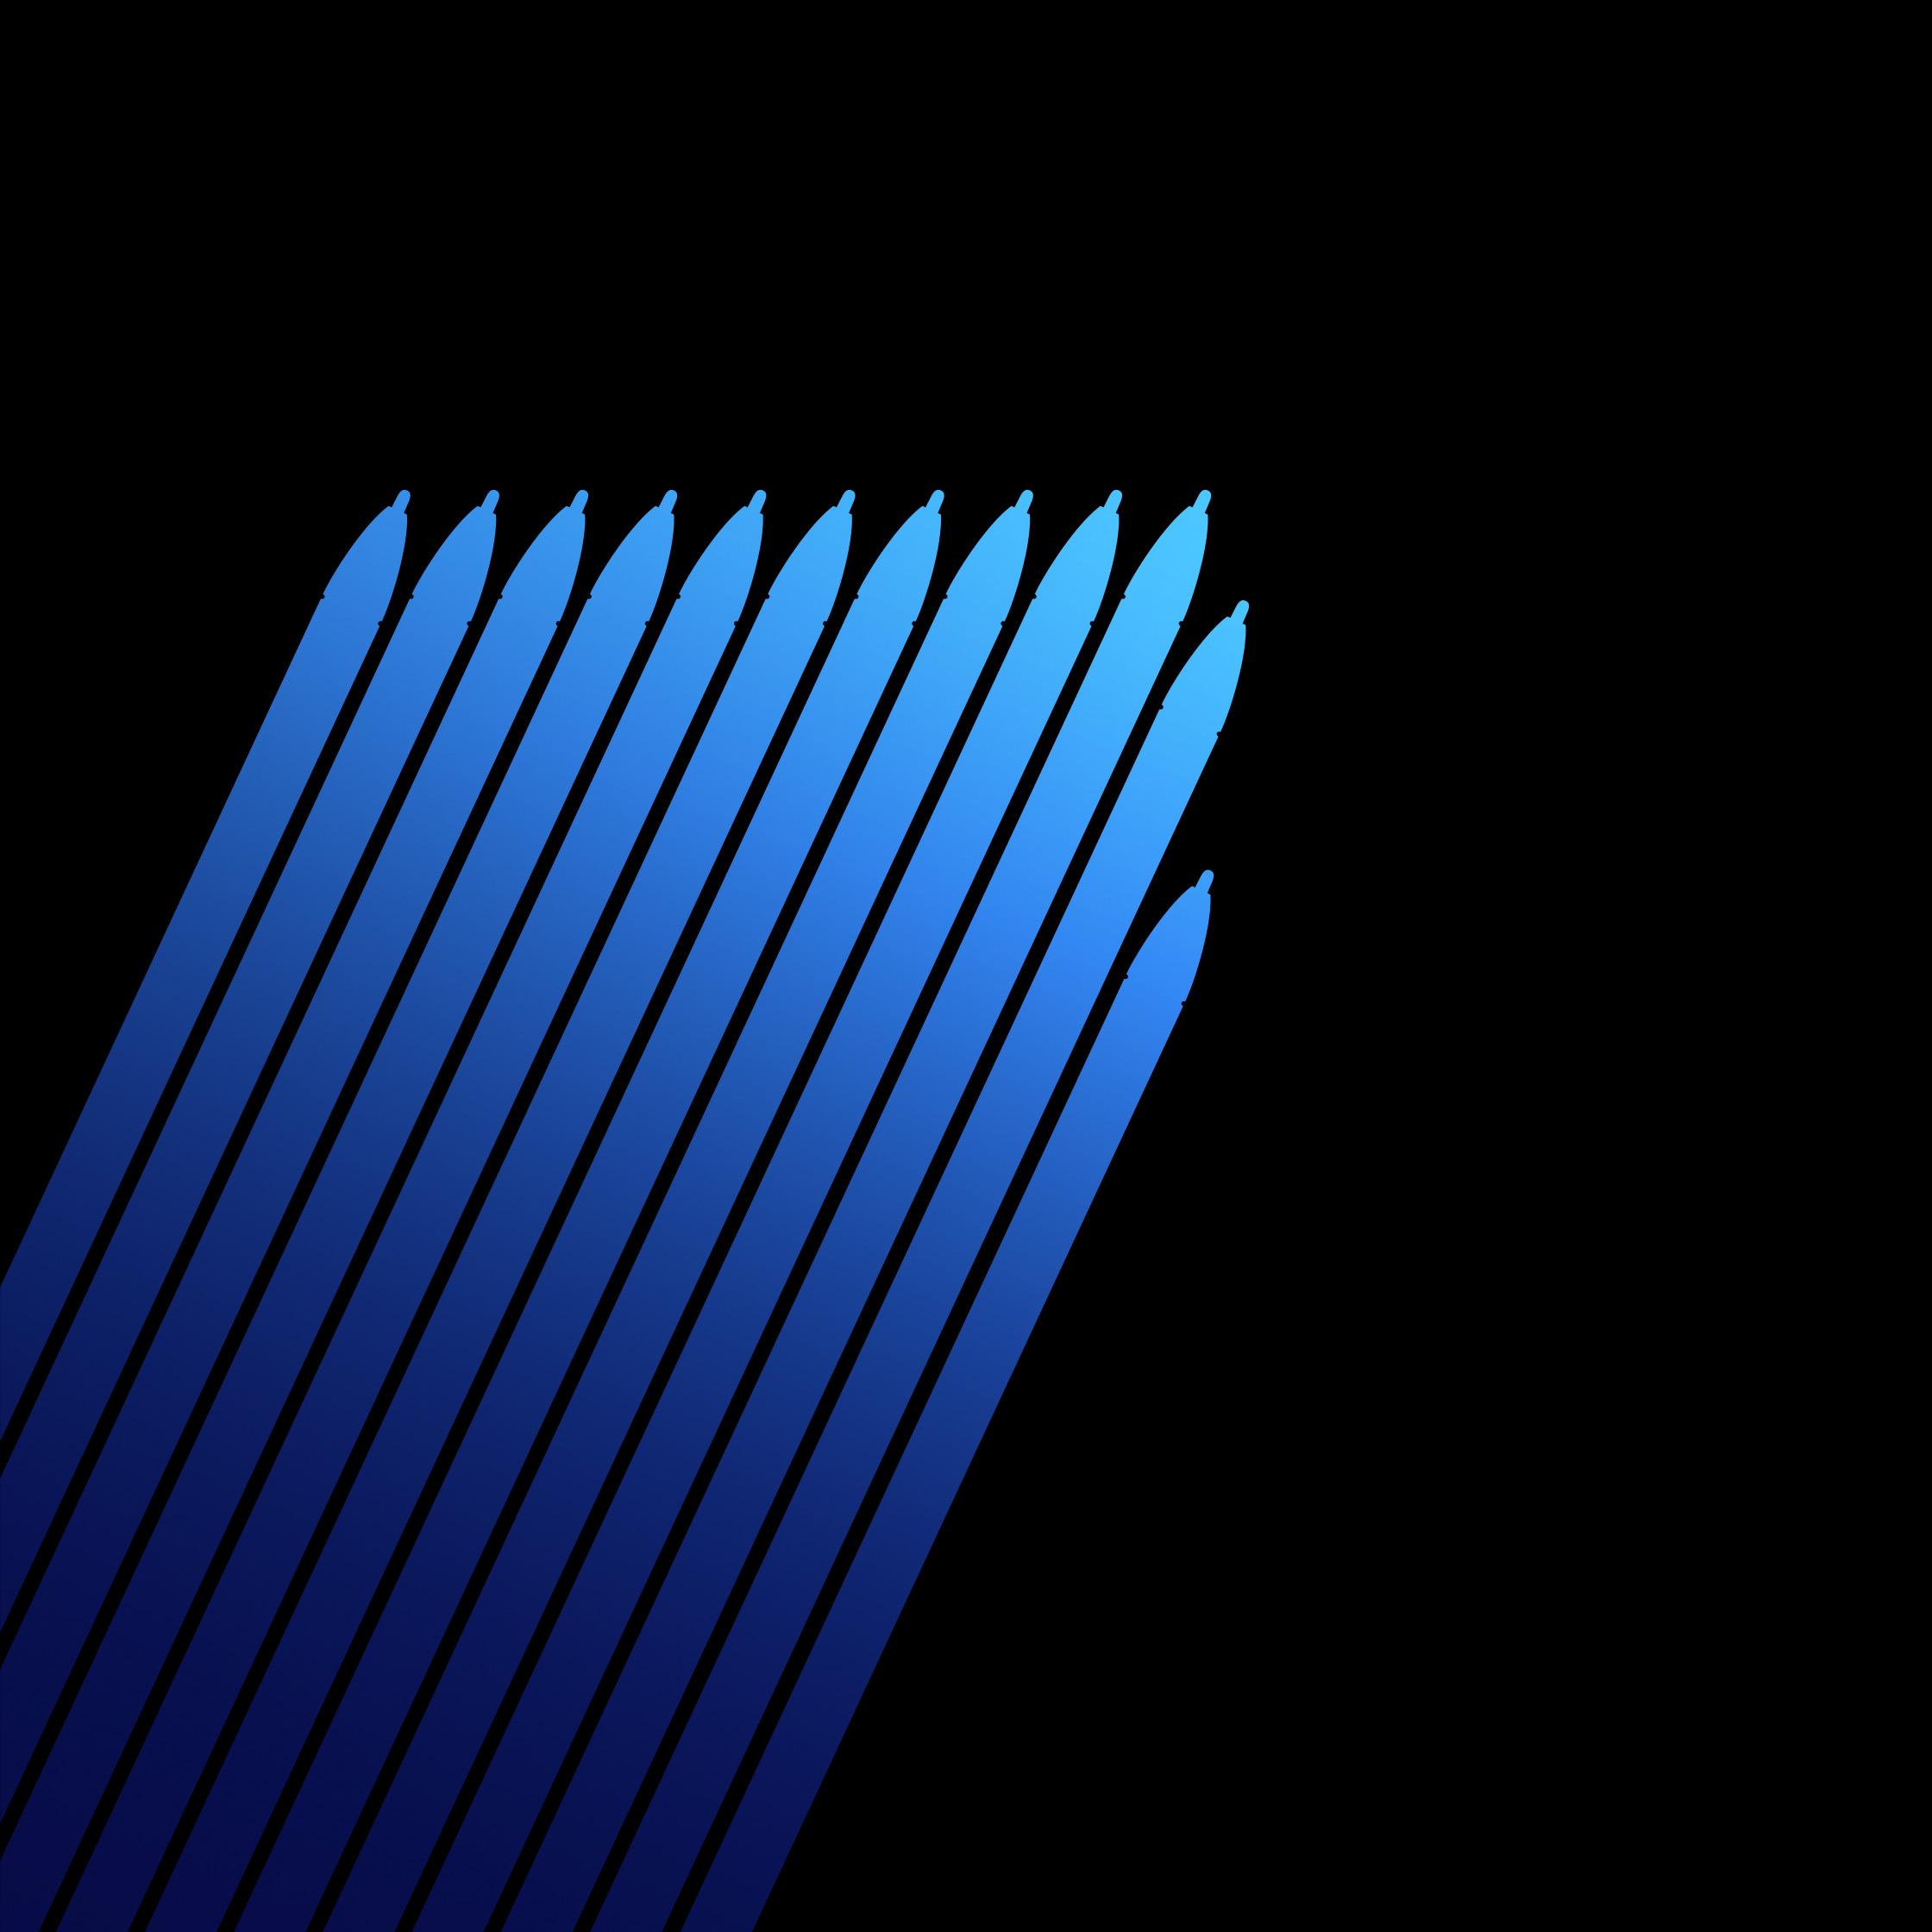 Telefon Duvar Kağıtları Samsung